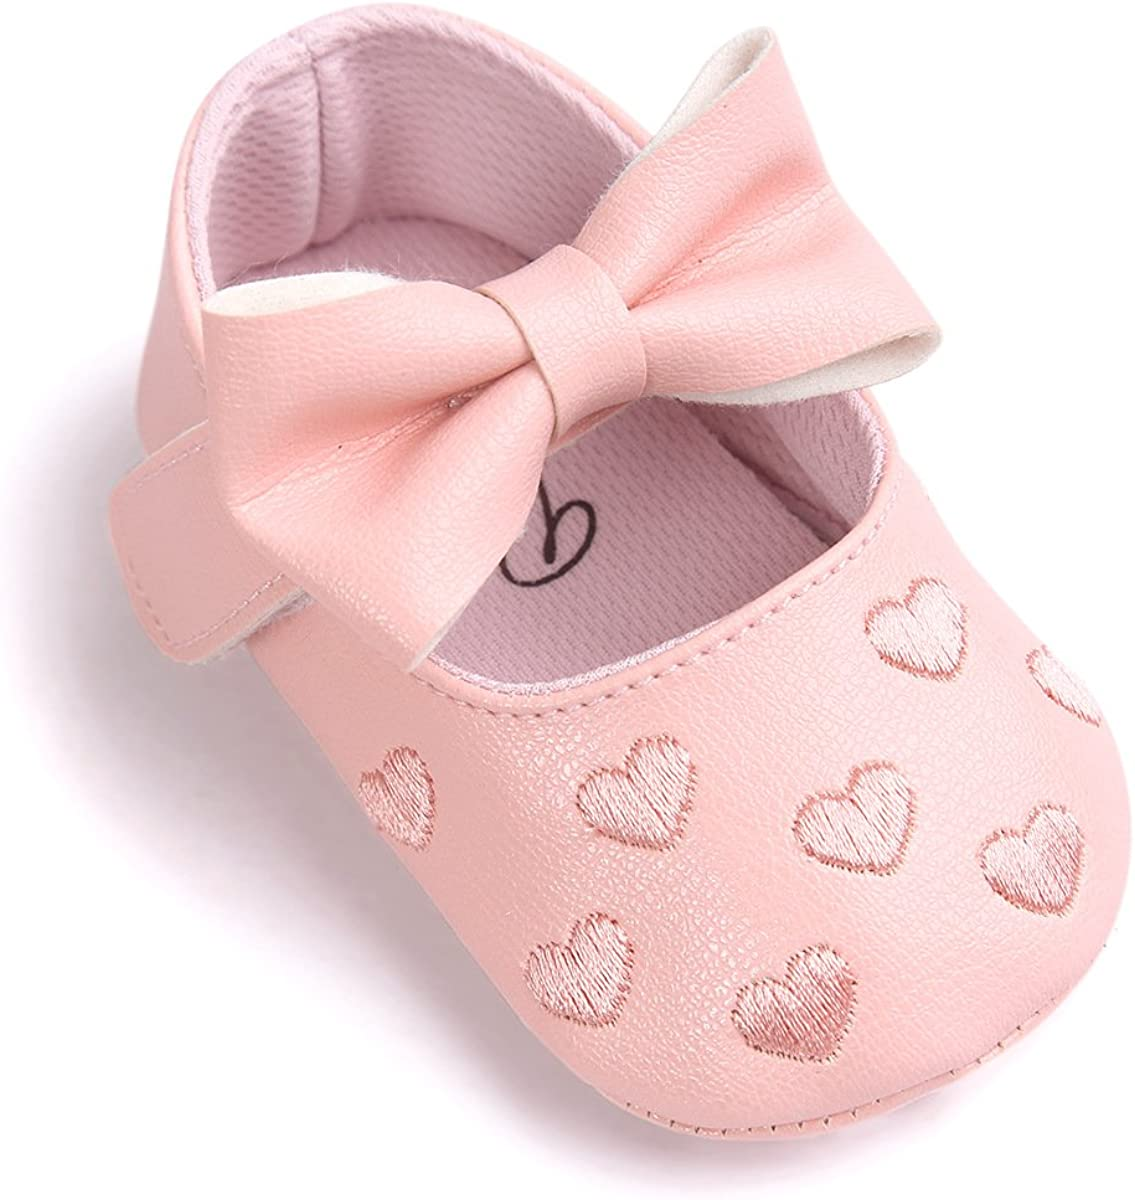 Zapatos de bebé,Auxma Niña Bowknot Zapatos de Cuero Zapatillas Antideslizante Suave niño único para 0-18 Meses